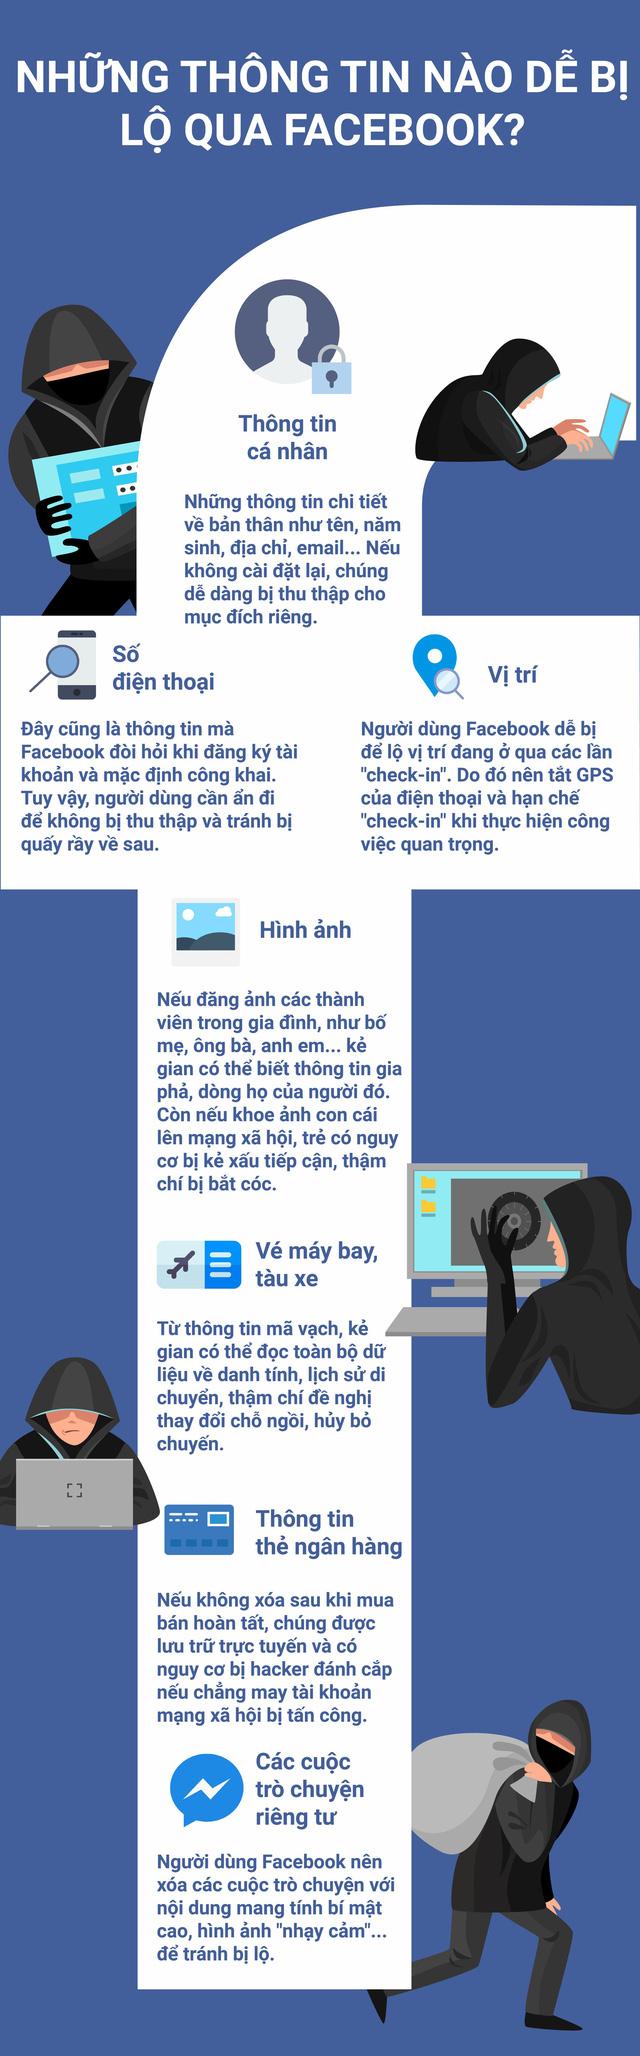 [Infographic]: Những thông tin nào dễ bị lộ qua Facebook? - Ảnh 1.